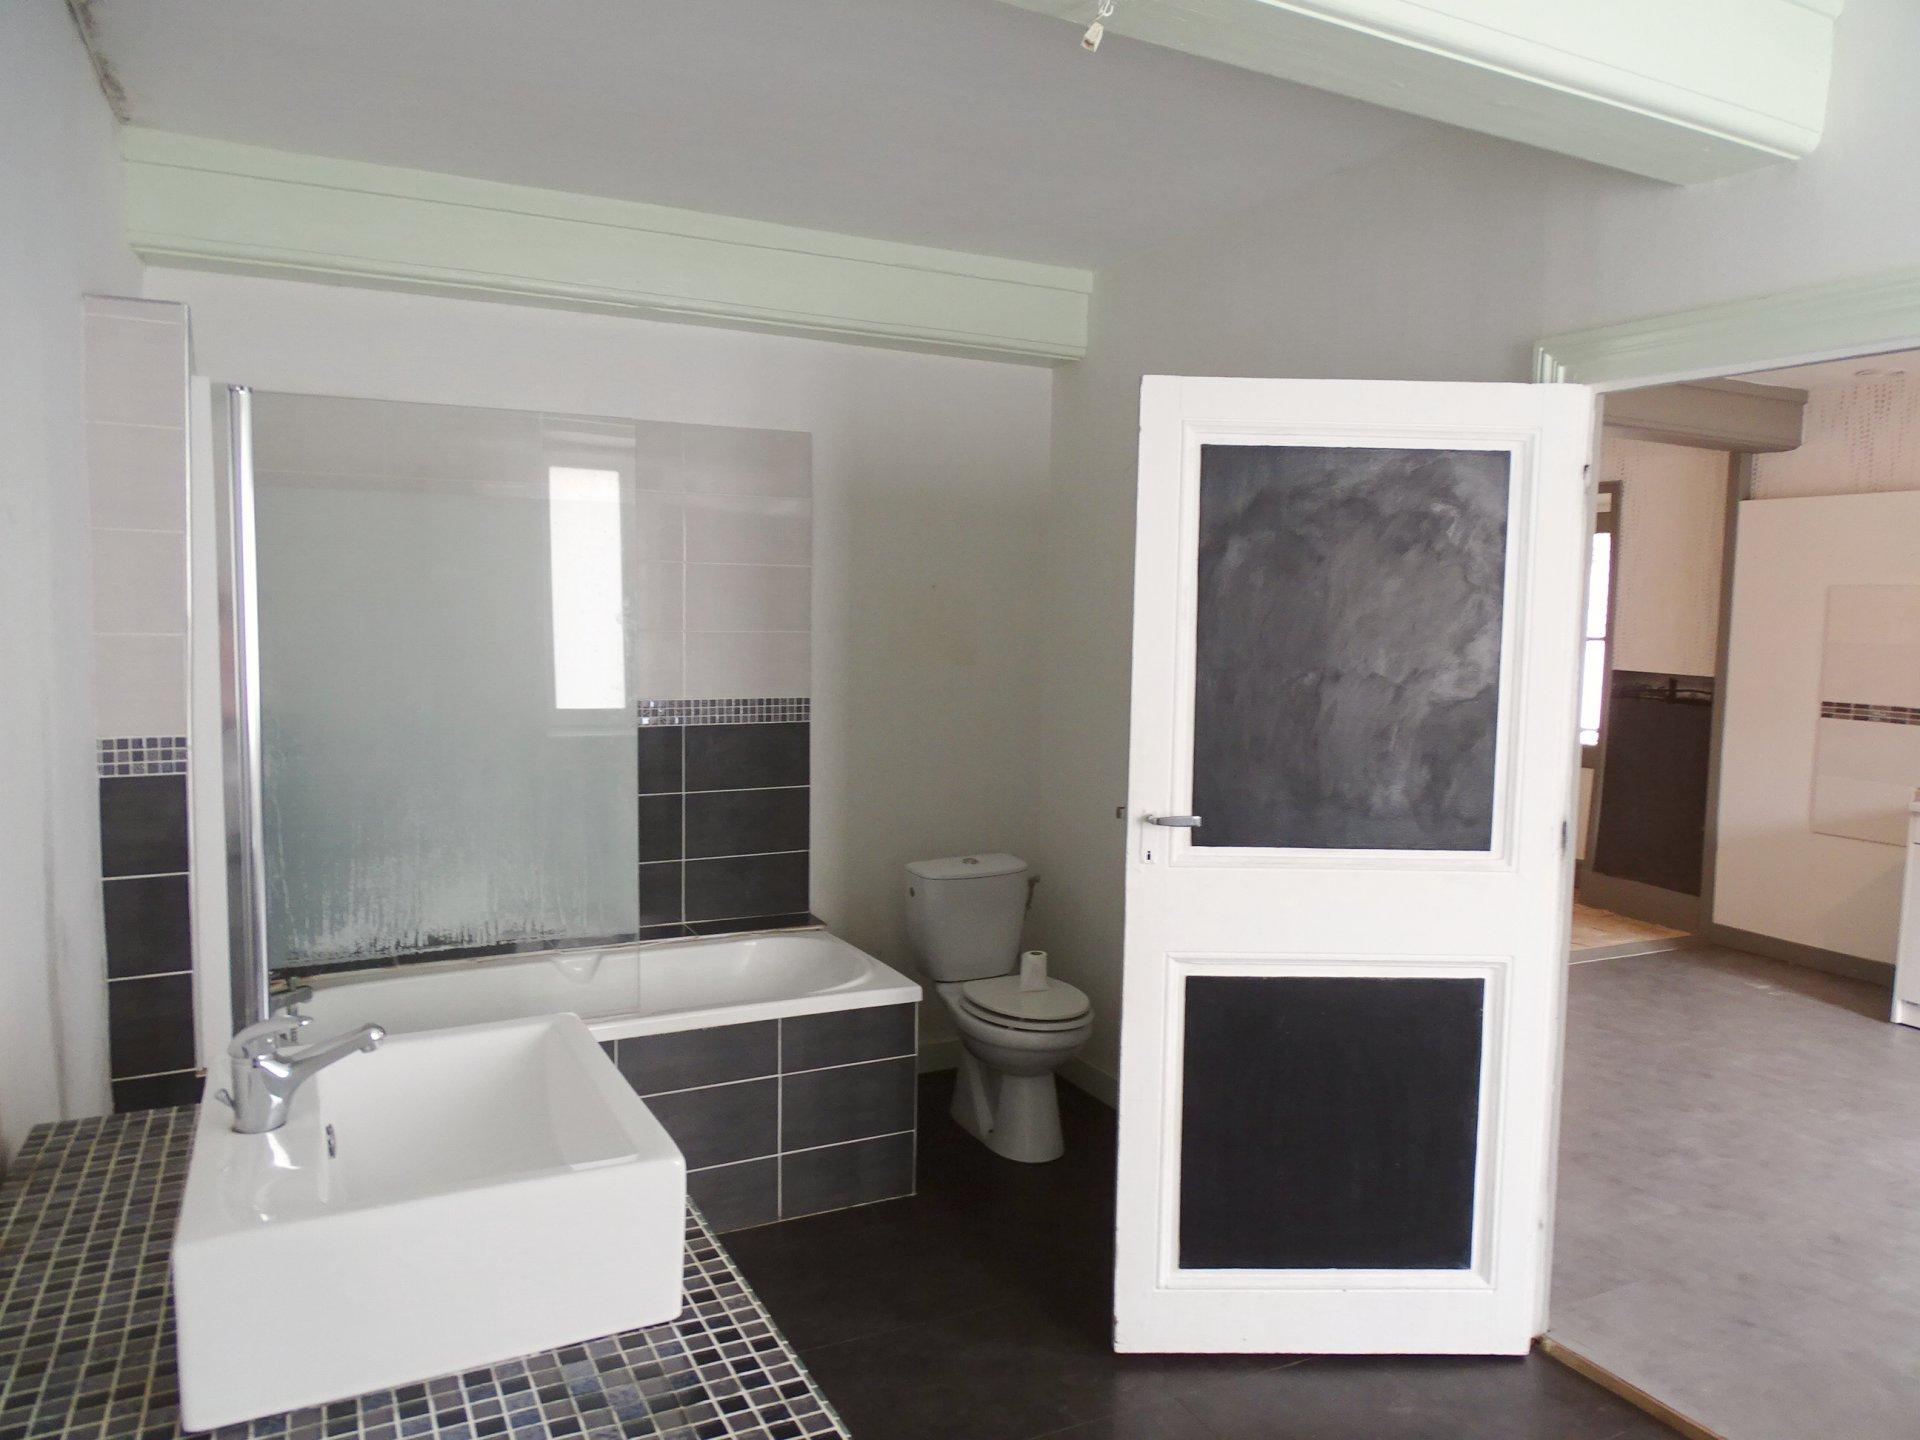 SOUS COMPROMIS Val Lamartinien, dans un village dynamique, à la Roche Vineuse, venez découvrir cette charmante maison typiquement Mâconnaise offrant une surface habitable de 120 m². Ce bien dispose d'une grande pièce de vie de 46 m² avec le coin cuisine, de trois vastes chambres, d'une spacieuse salle de bains avec toilette ainsi que d'un grenier aménageable de 90 m² environ. Maison à remettre aux goûts du jour offrant un très beau potentiel. Vous profiterez également d'une jolie cour fermée, un terrain non attenant de 250 m² ainsi que des dépendances. A découvrir sans tarder. Honoraires à la charge du vendeur.